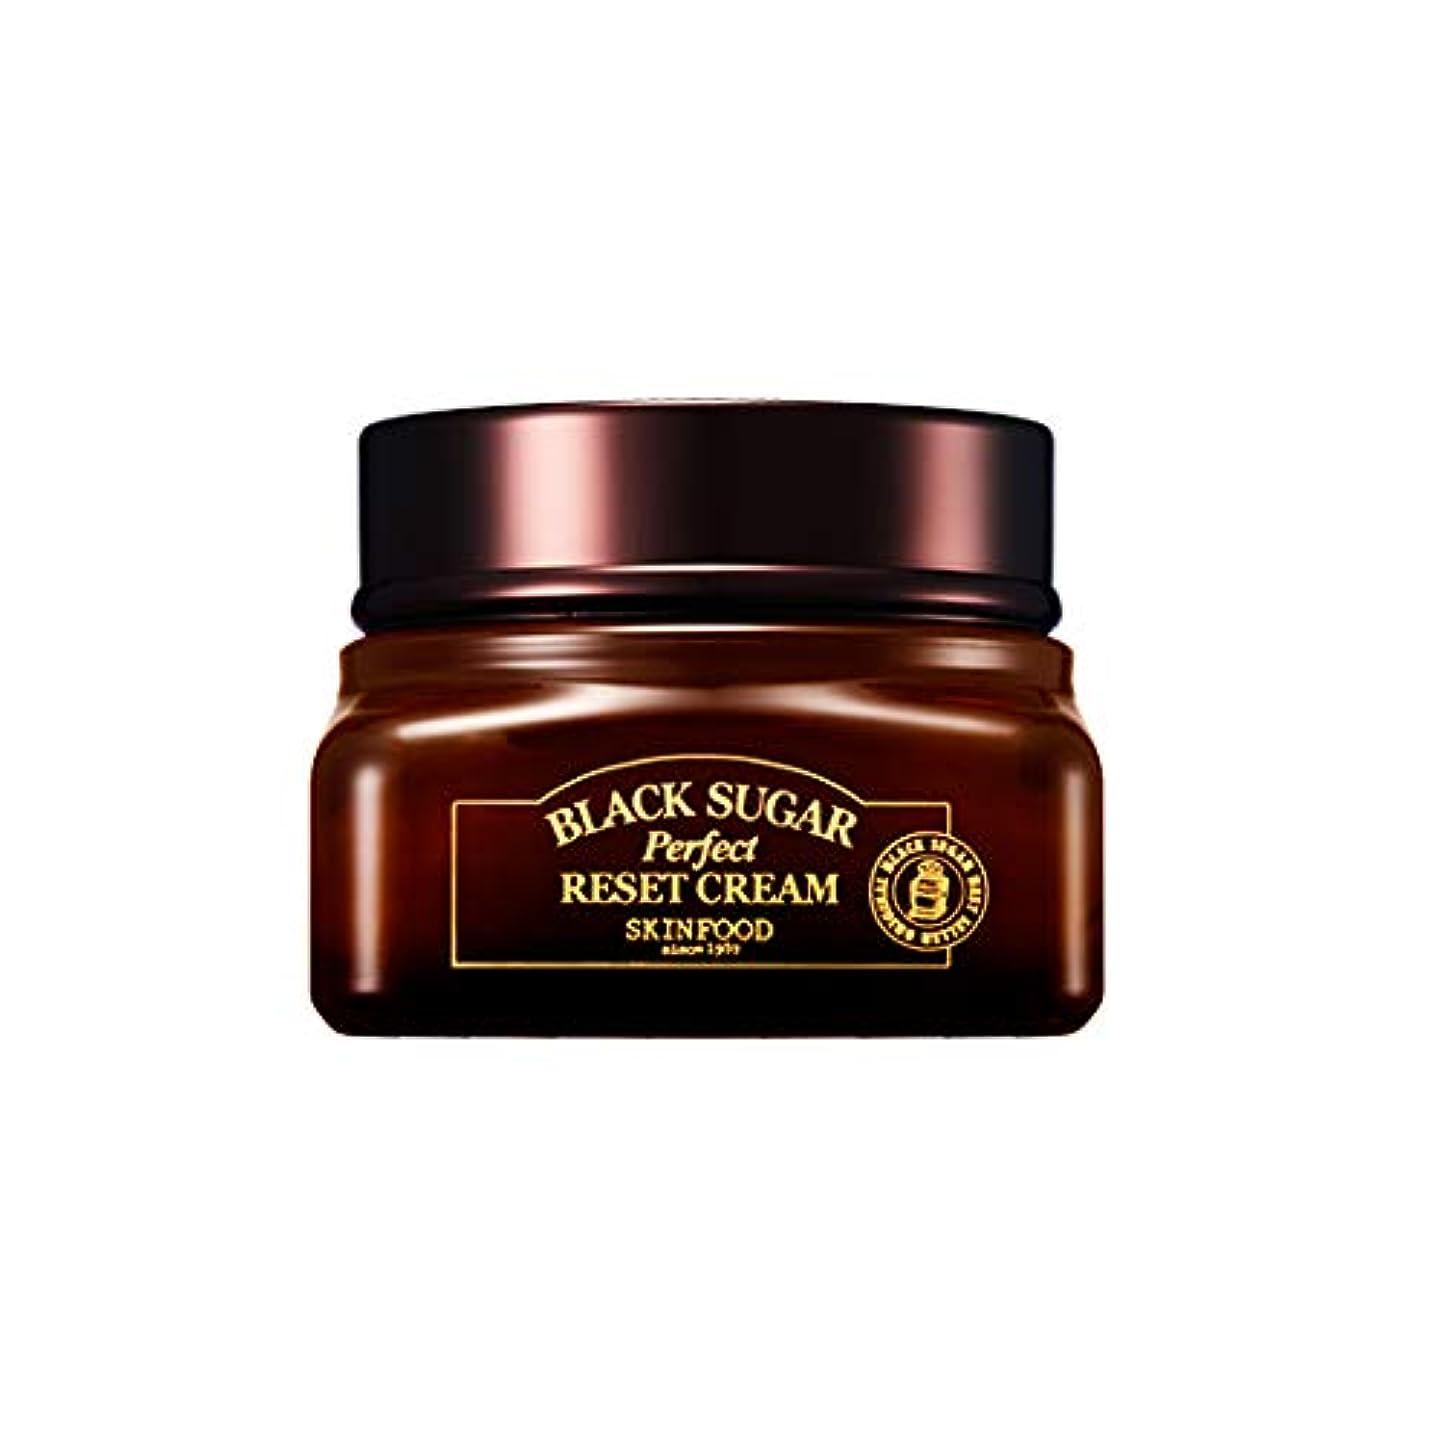 ベジタリアン山岳アスレチックSkinfood 黒糖パーフェクトリセットクリーム/Black Sugar Perpect Reset Cream 60ml [並行輸入品]